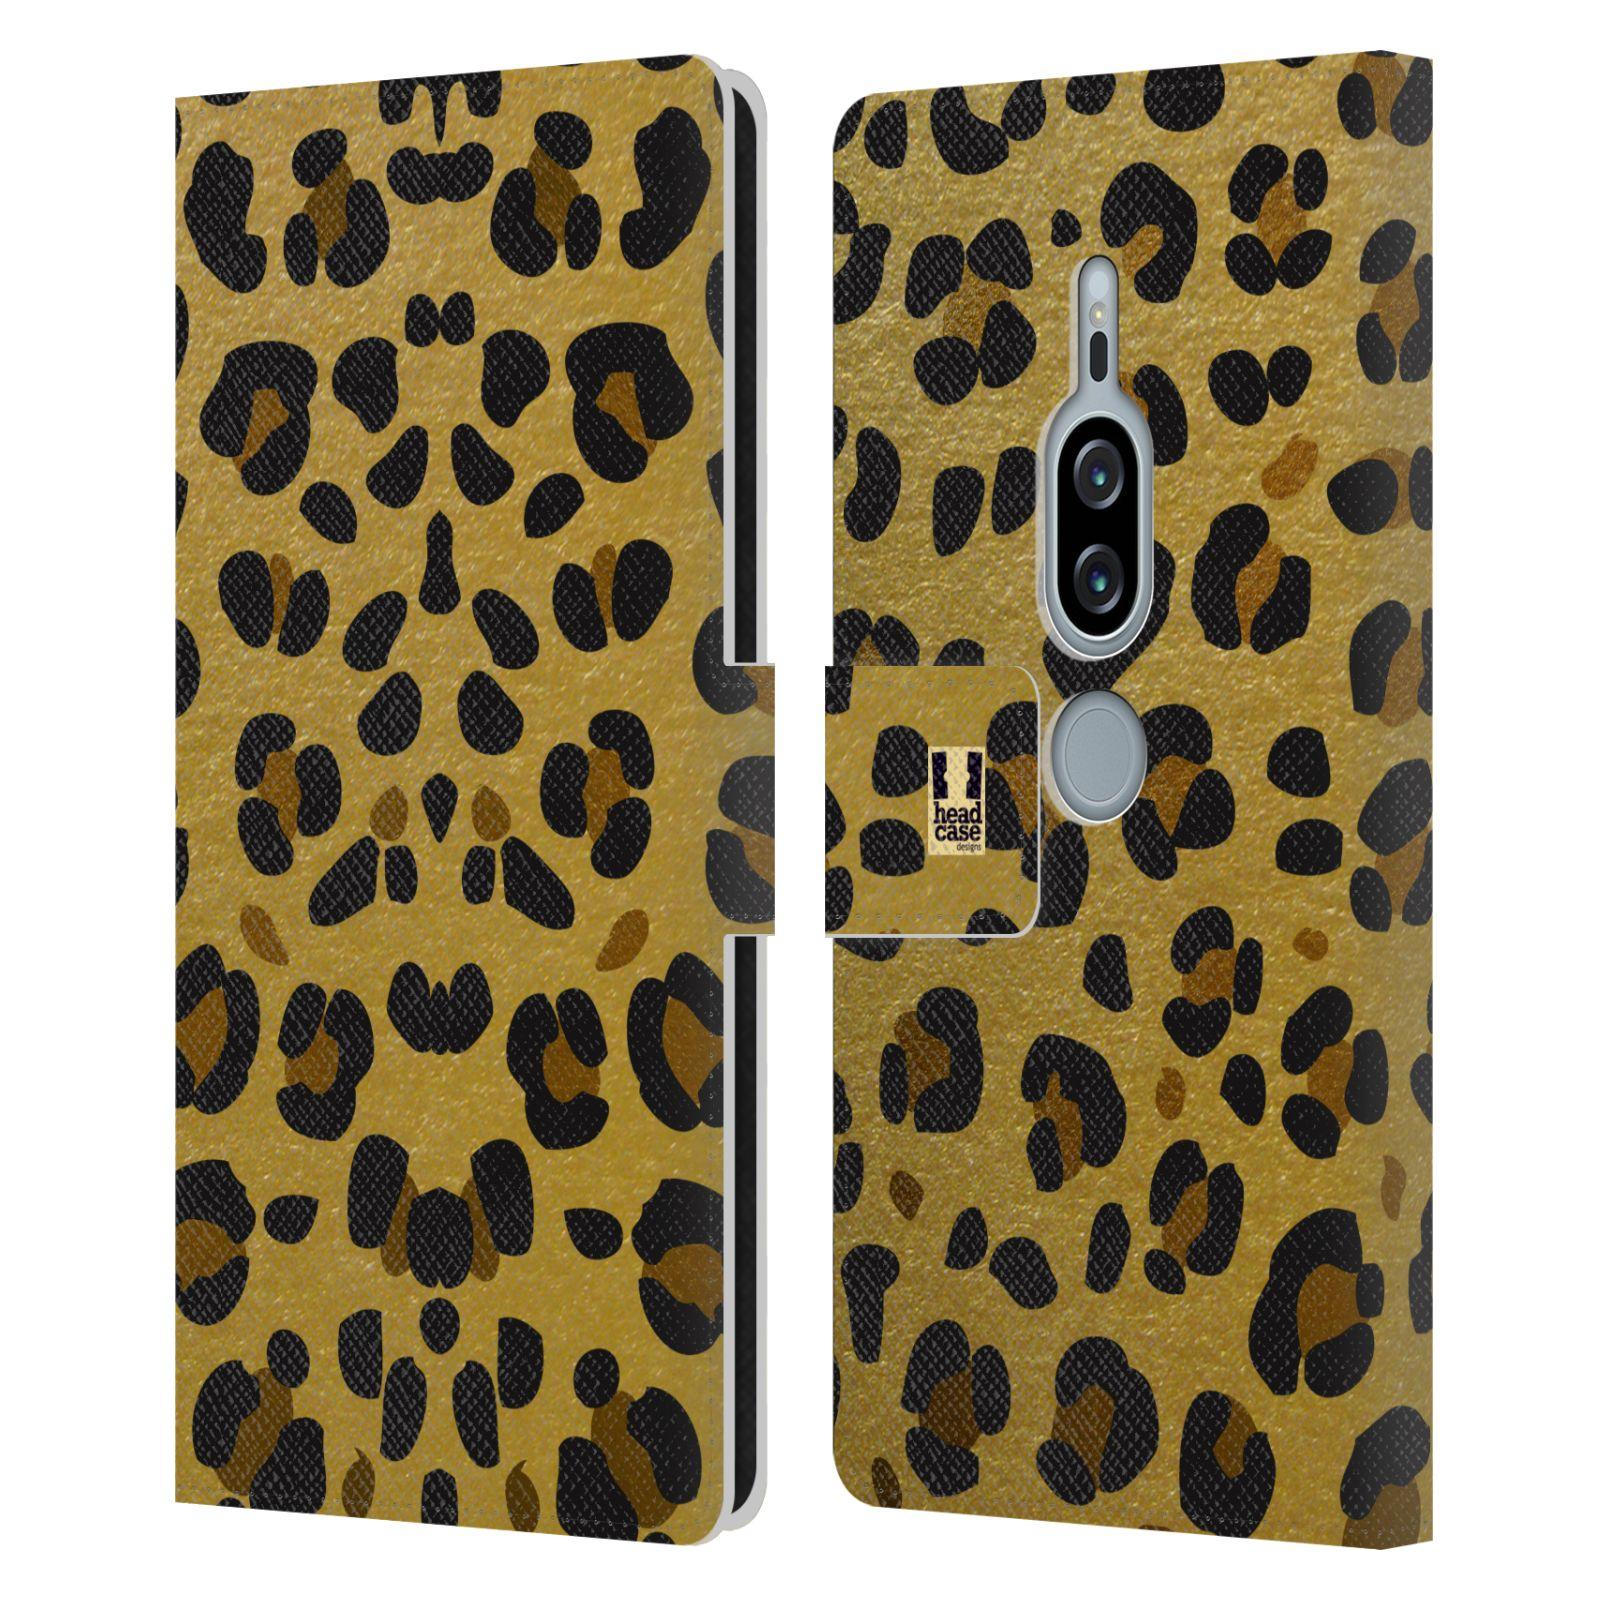 Pouzdro na mobil Sony Xperia XZ2 Premium - Head Case - Fashion zvířecí vzor